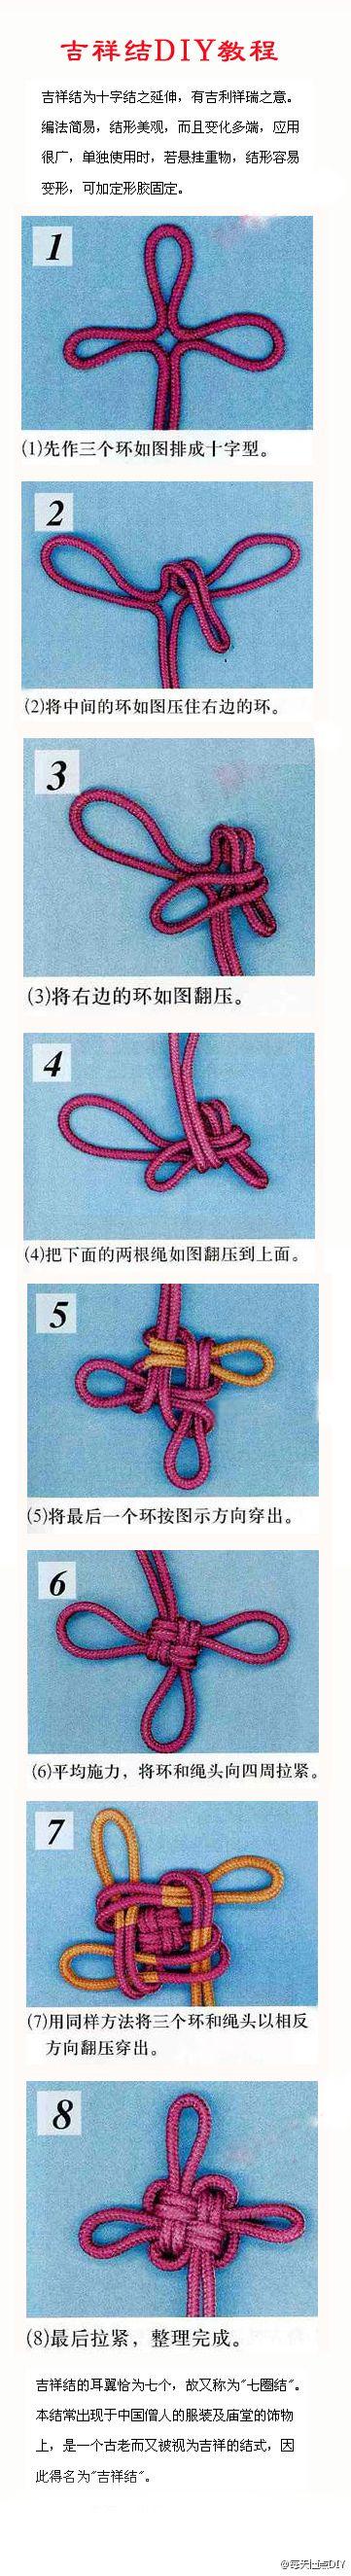 Chinese knot - orientais são os melhores